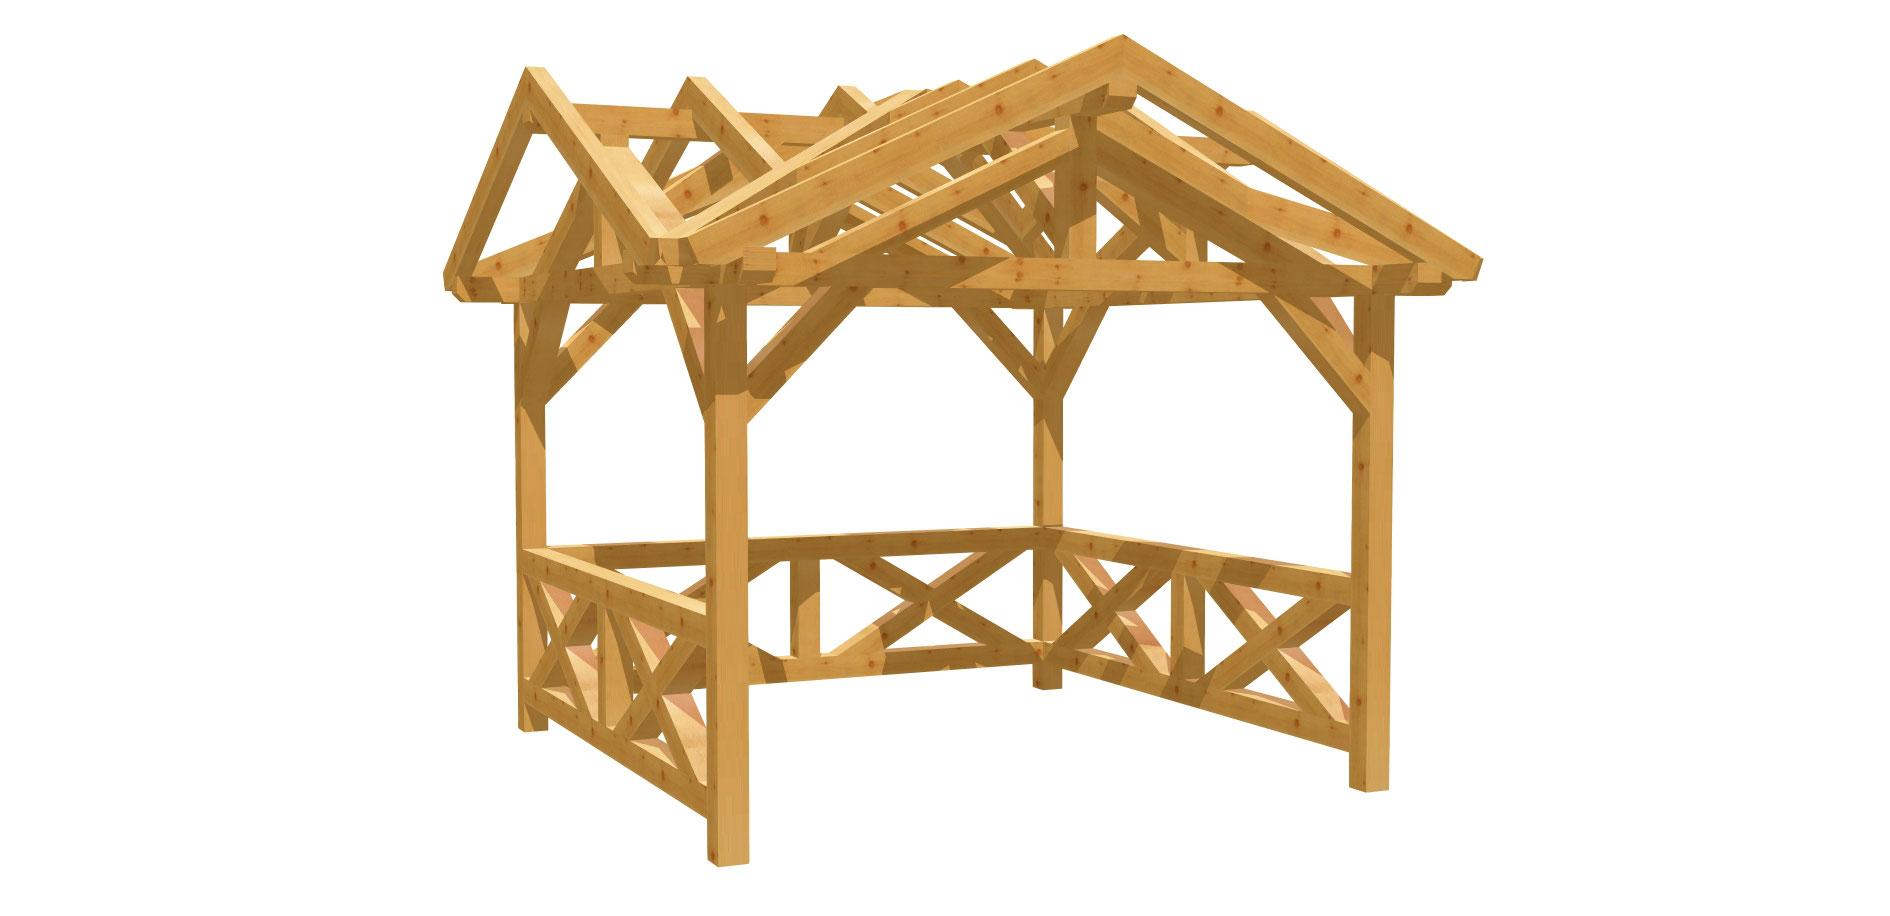 Full Size of Gartenpavillon Selber Bauen Holz Bauplande Massivholz Esstisch Fenster Rolladen Nachträglich Einbauen Bad Waschtisch Bett 180x200 140x200 Küche Planen Wohnzimmer Pavillon Holz Selber Bauen